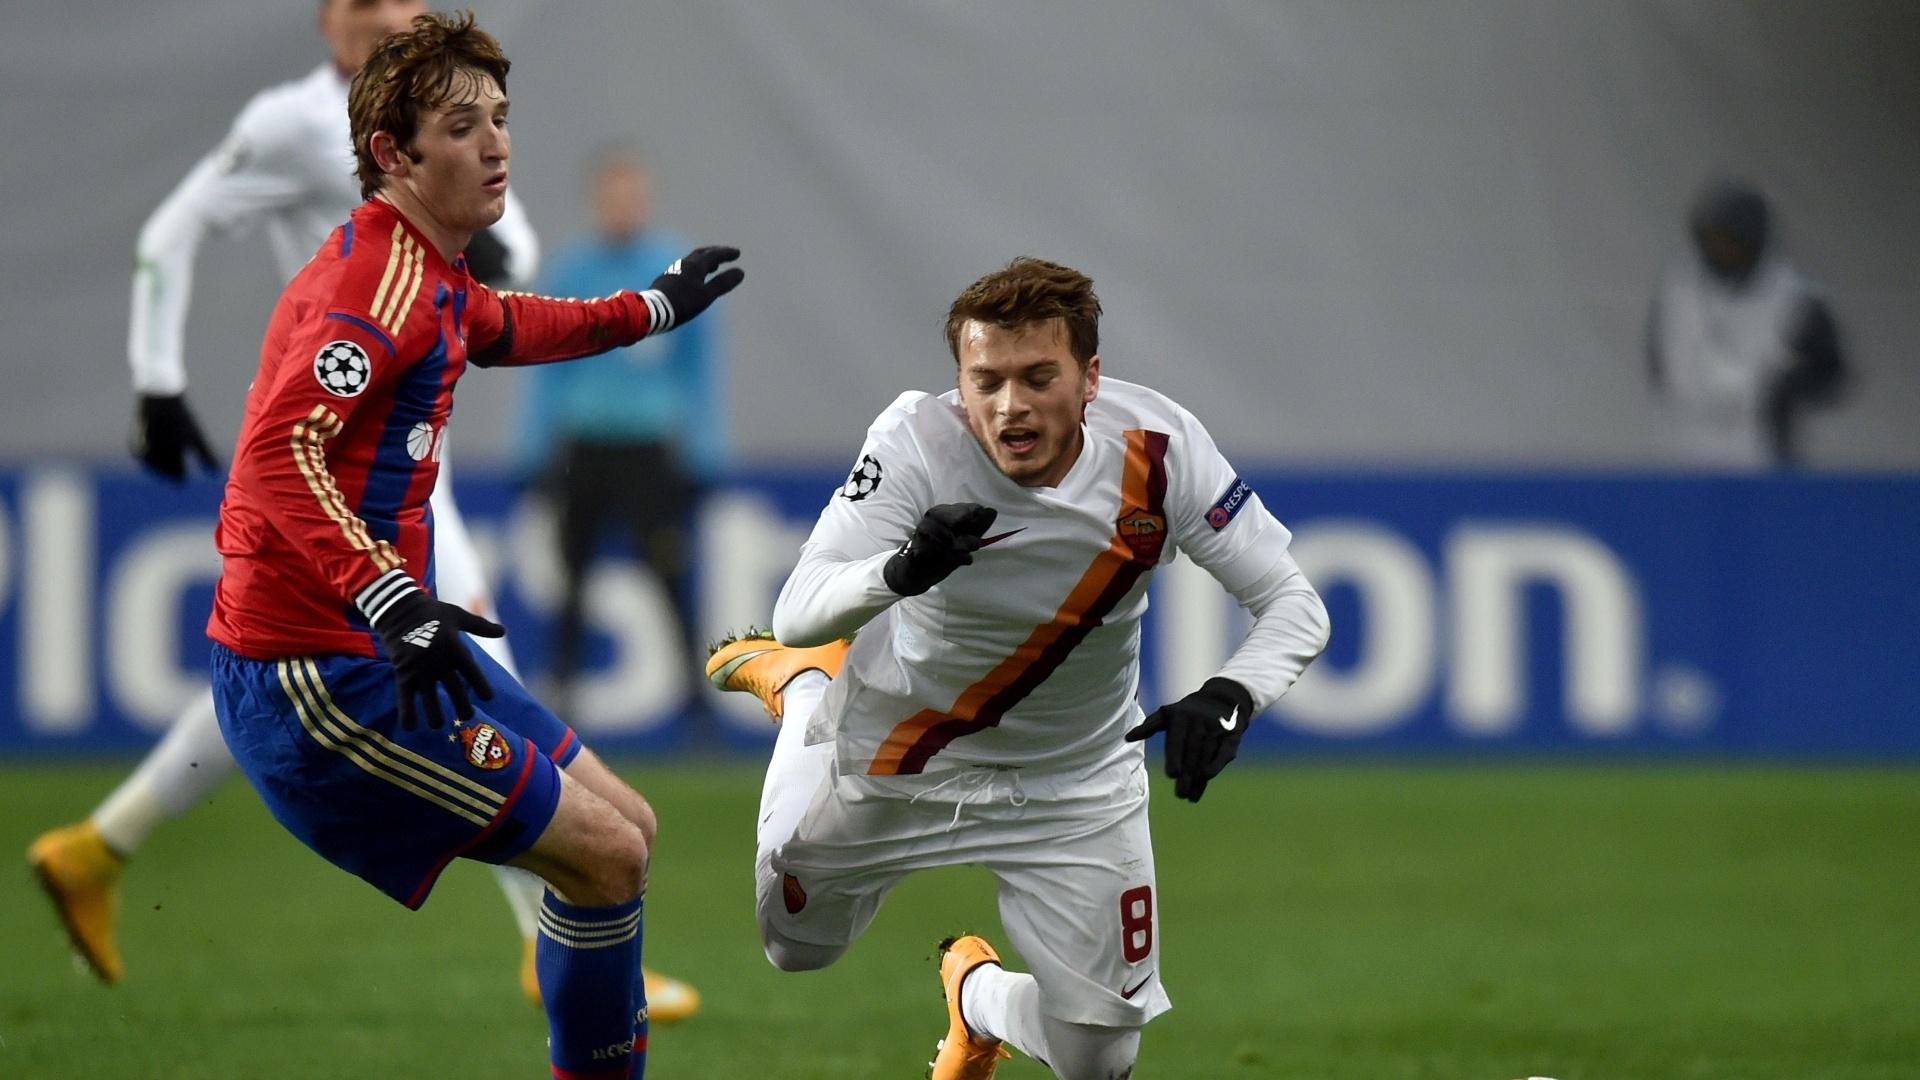 Mário Fernandes (esquerda) disputa bola com Ljajic durante CSKA x Roma na Liga dos Campeões